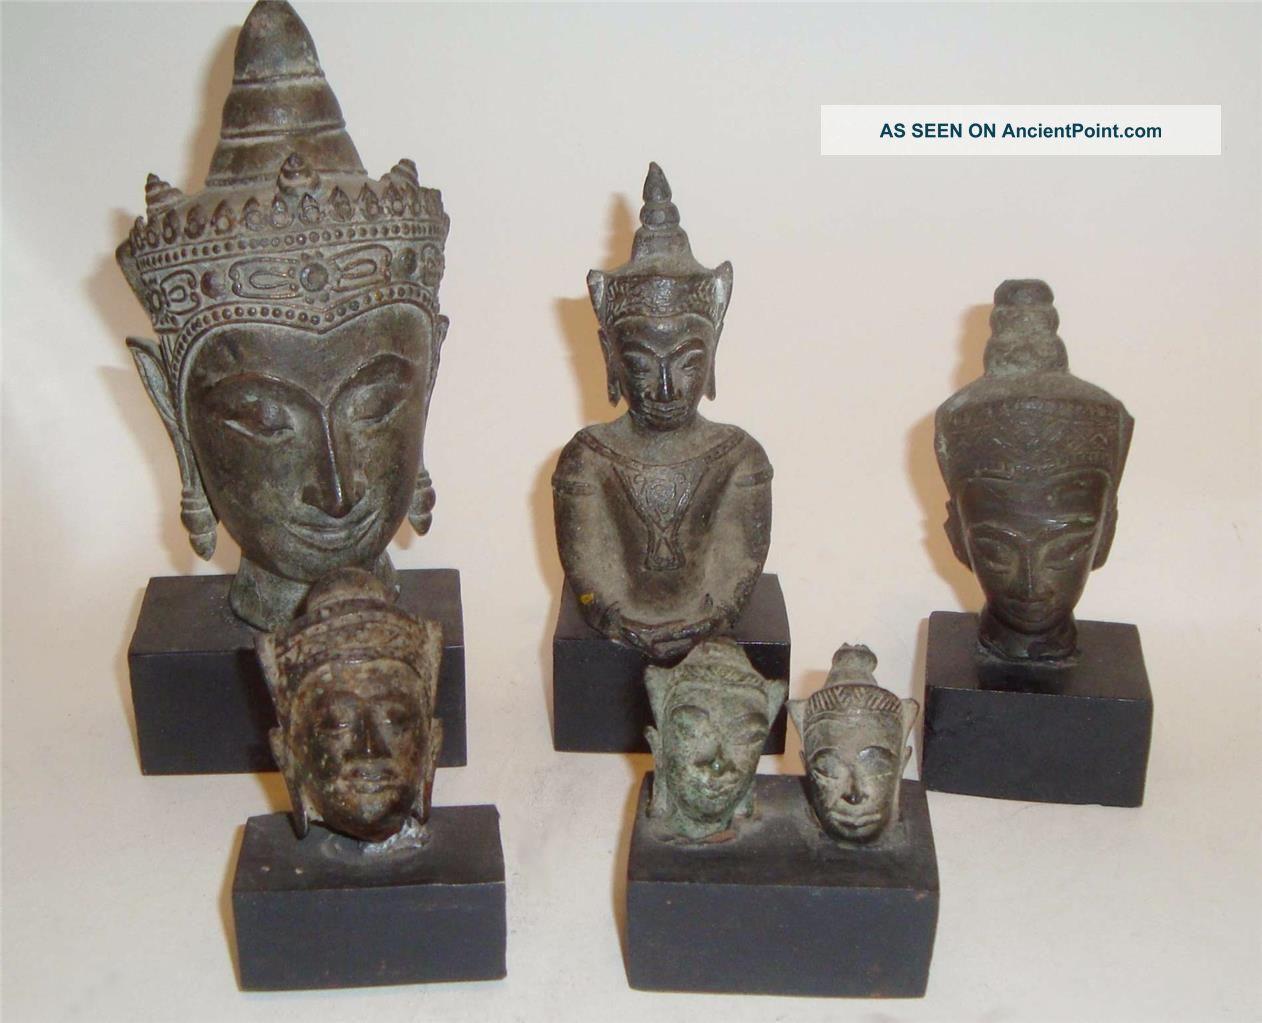 Ayutthaya Period Thai Bronze Buddha Shakyamuni Artifacts 16th - 18th Century Other Southeast Asian Antiques photo